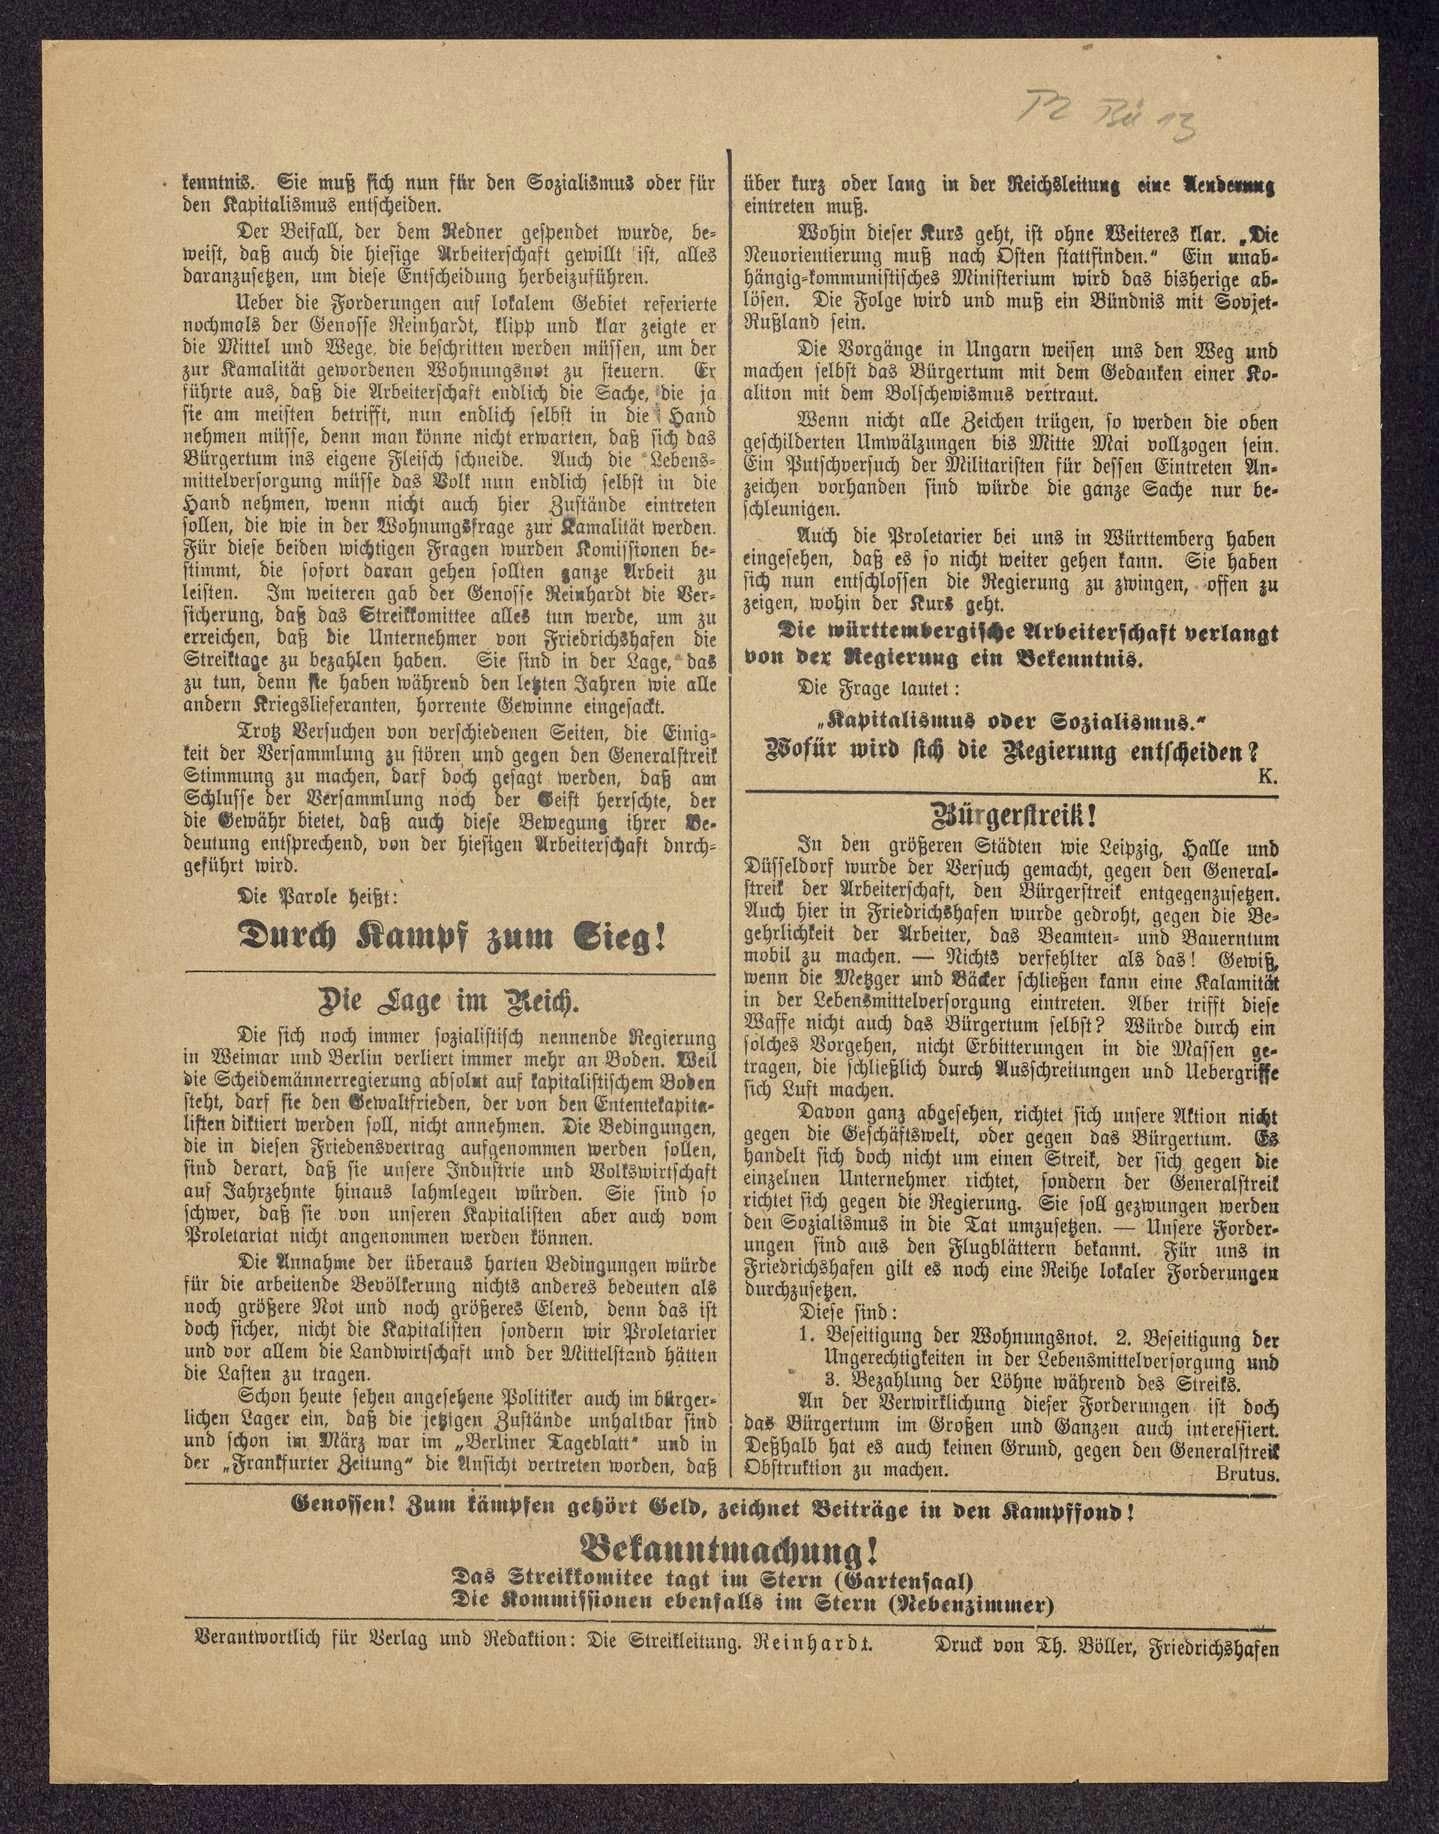 Die rote Seefahne. Mitteilungsblatt der Streikleitung Friedrichshafen, Bild 2